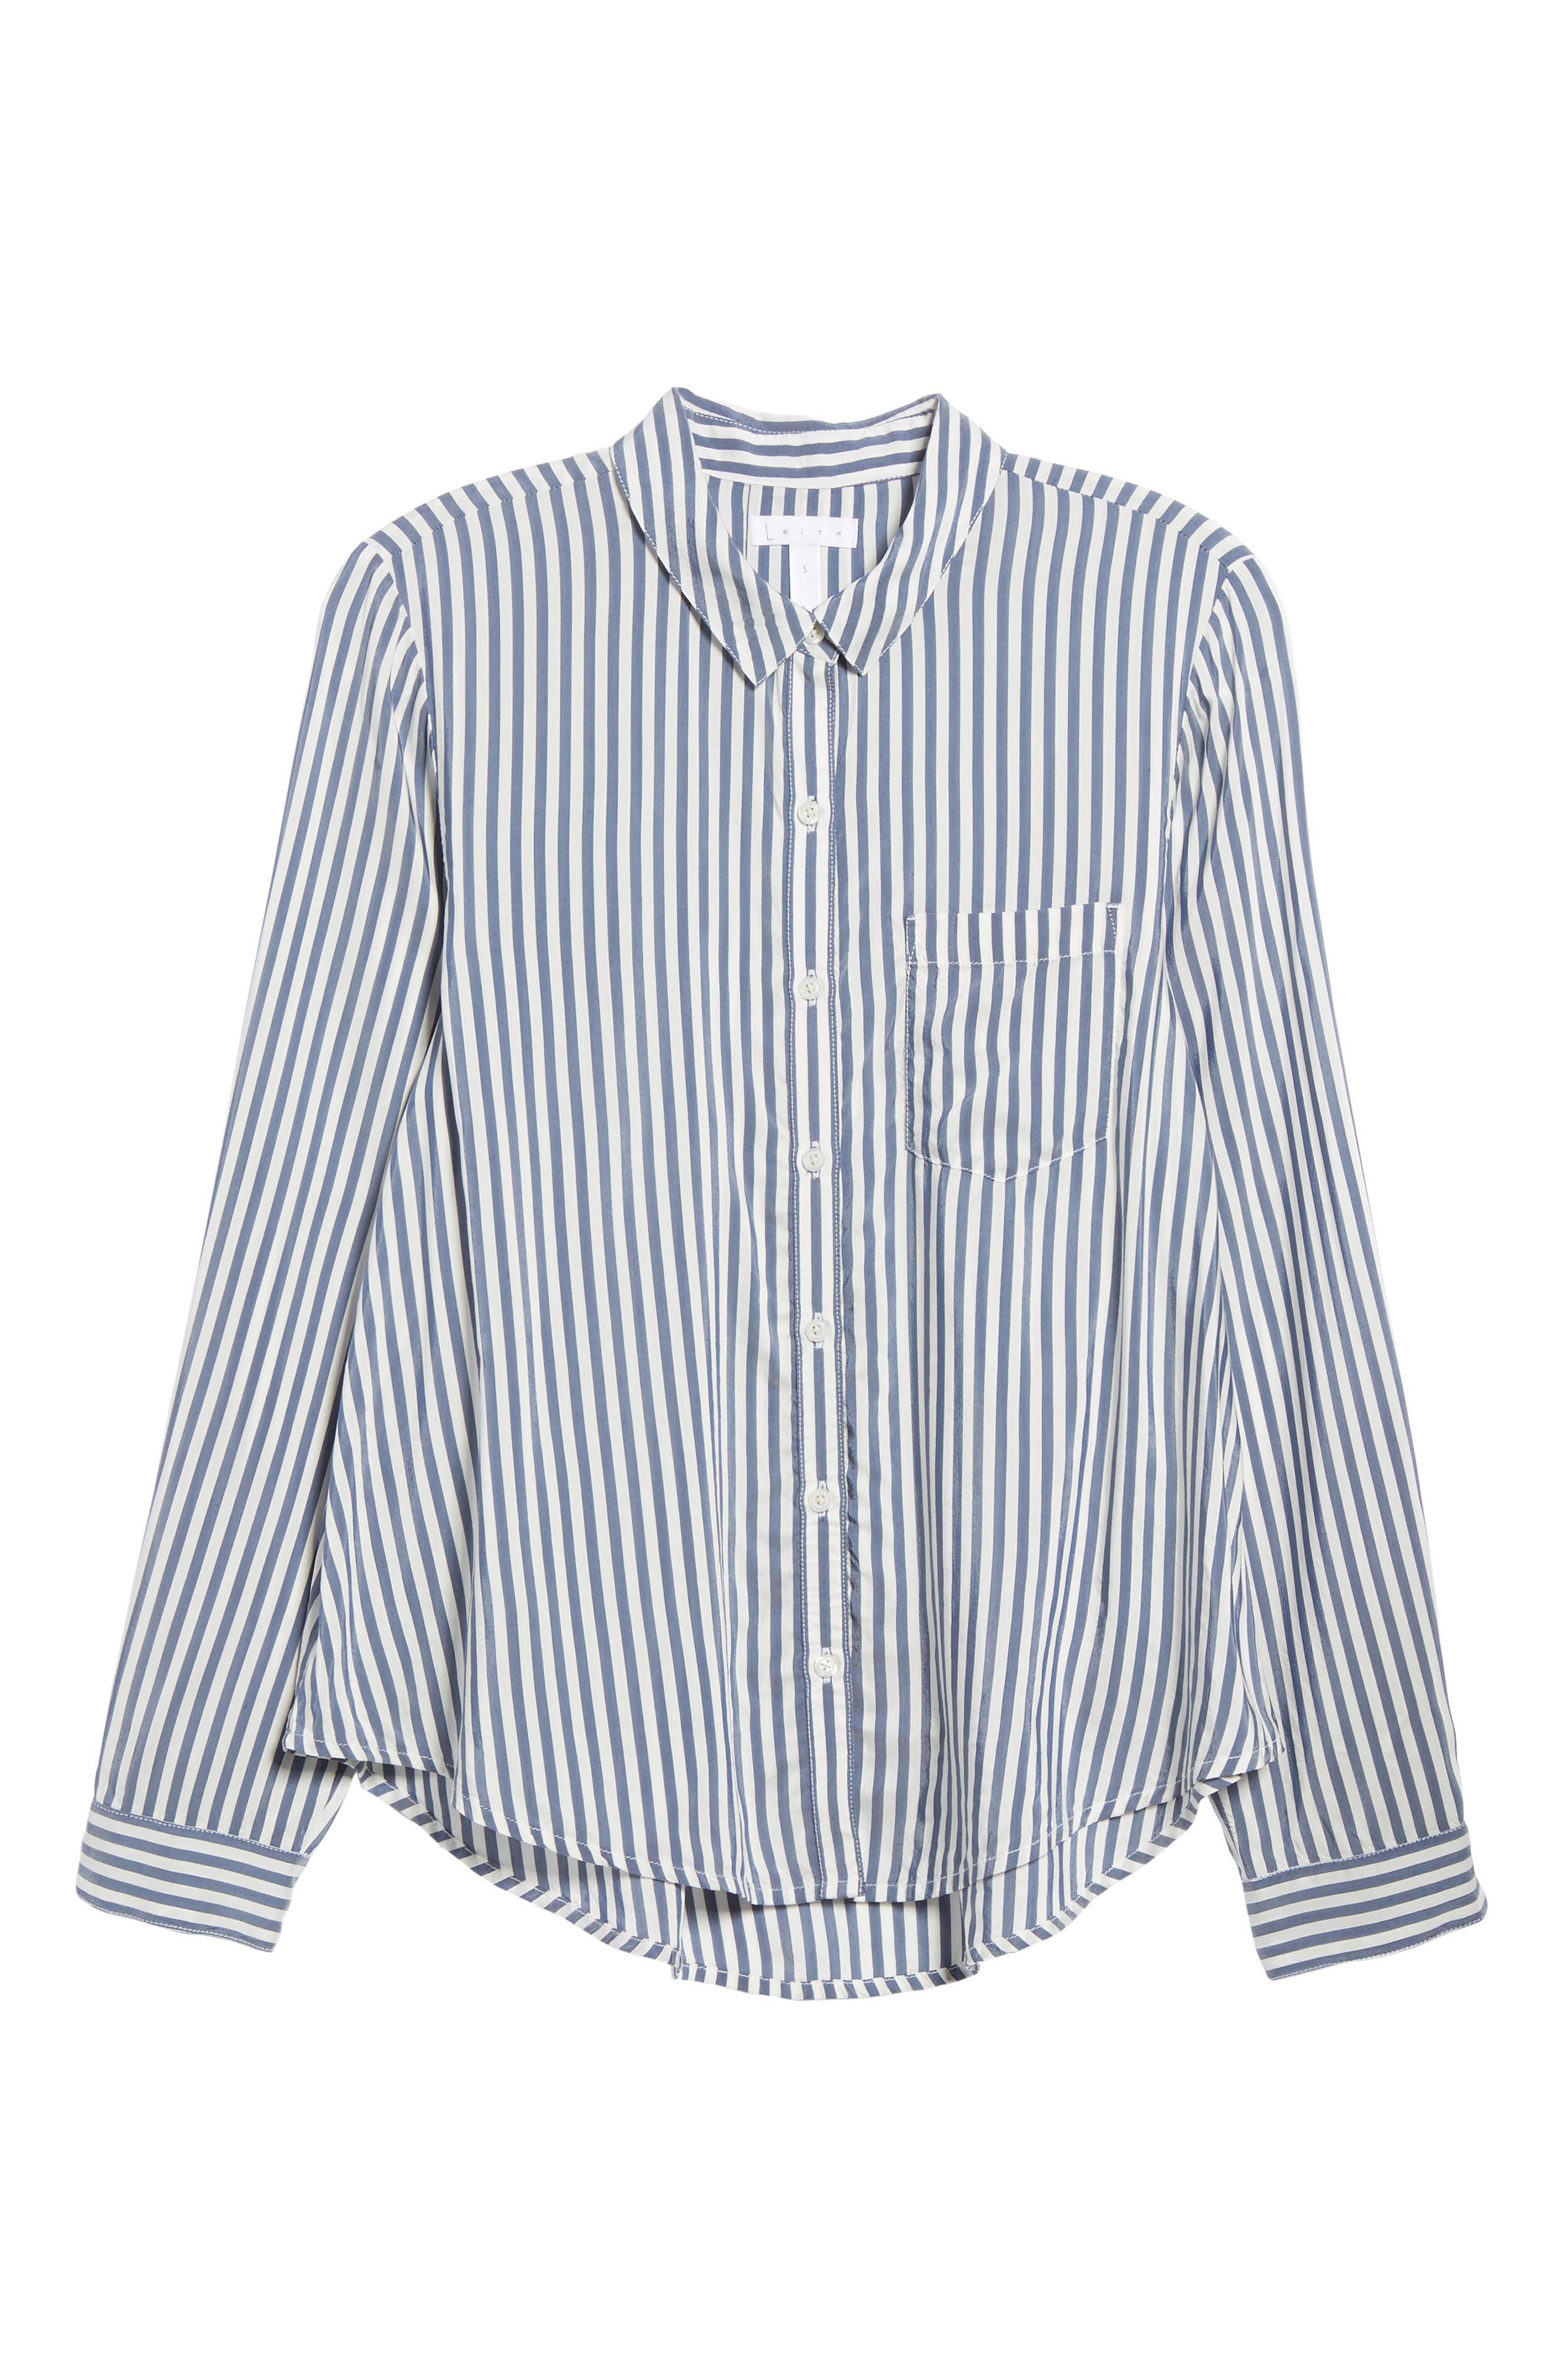 Stripe Shirt,                             Alternate thumbnail 6, color,                             410